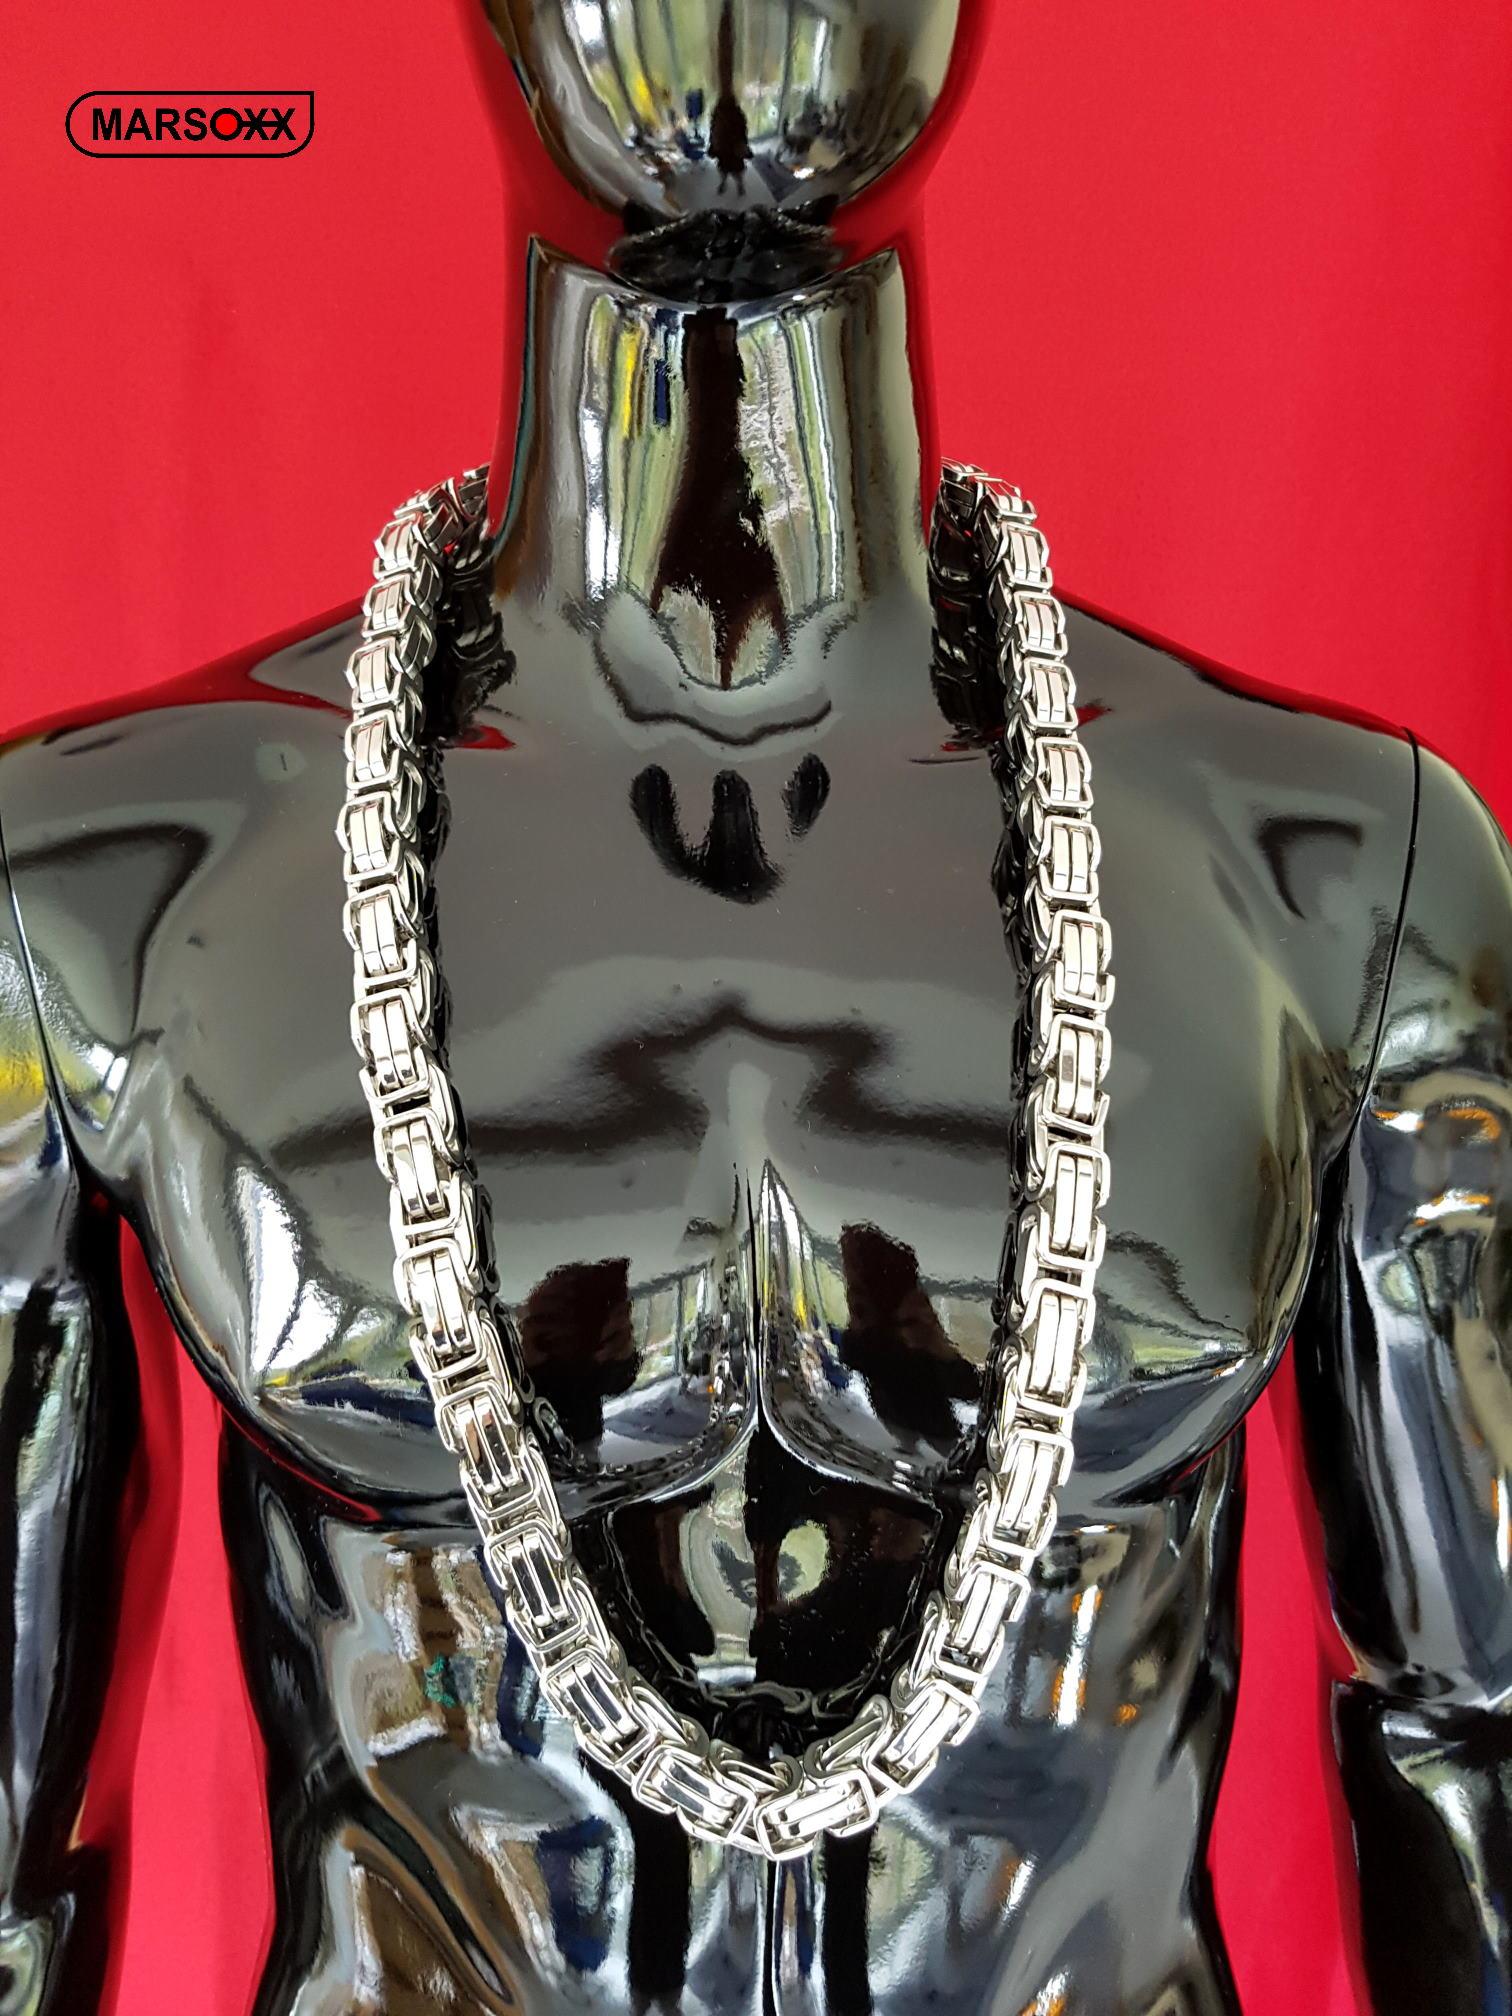 MARSOXX - EmperorFight - Stainless Steel Byzantine Necklace